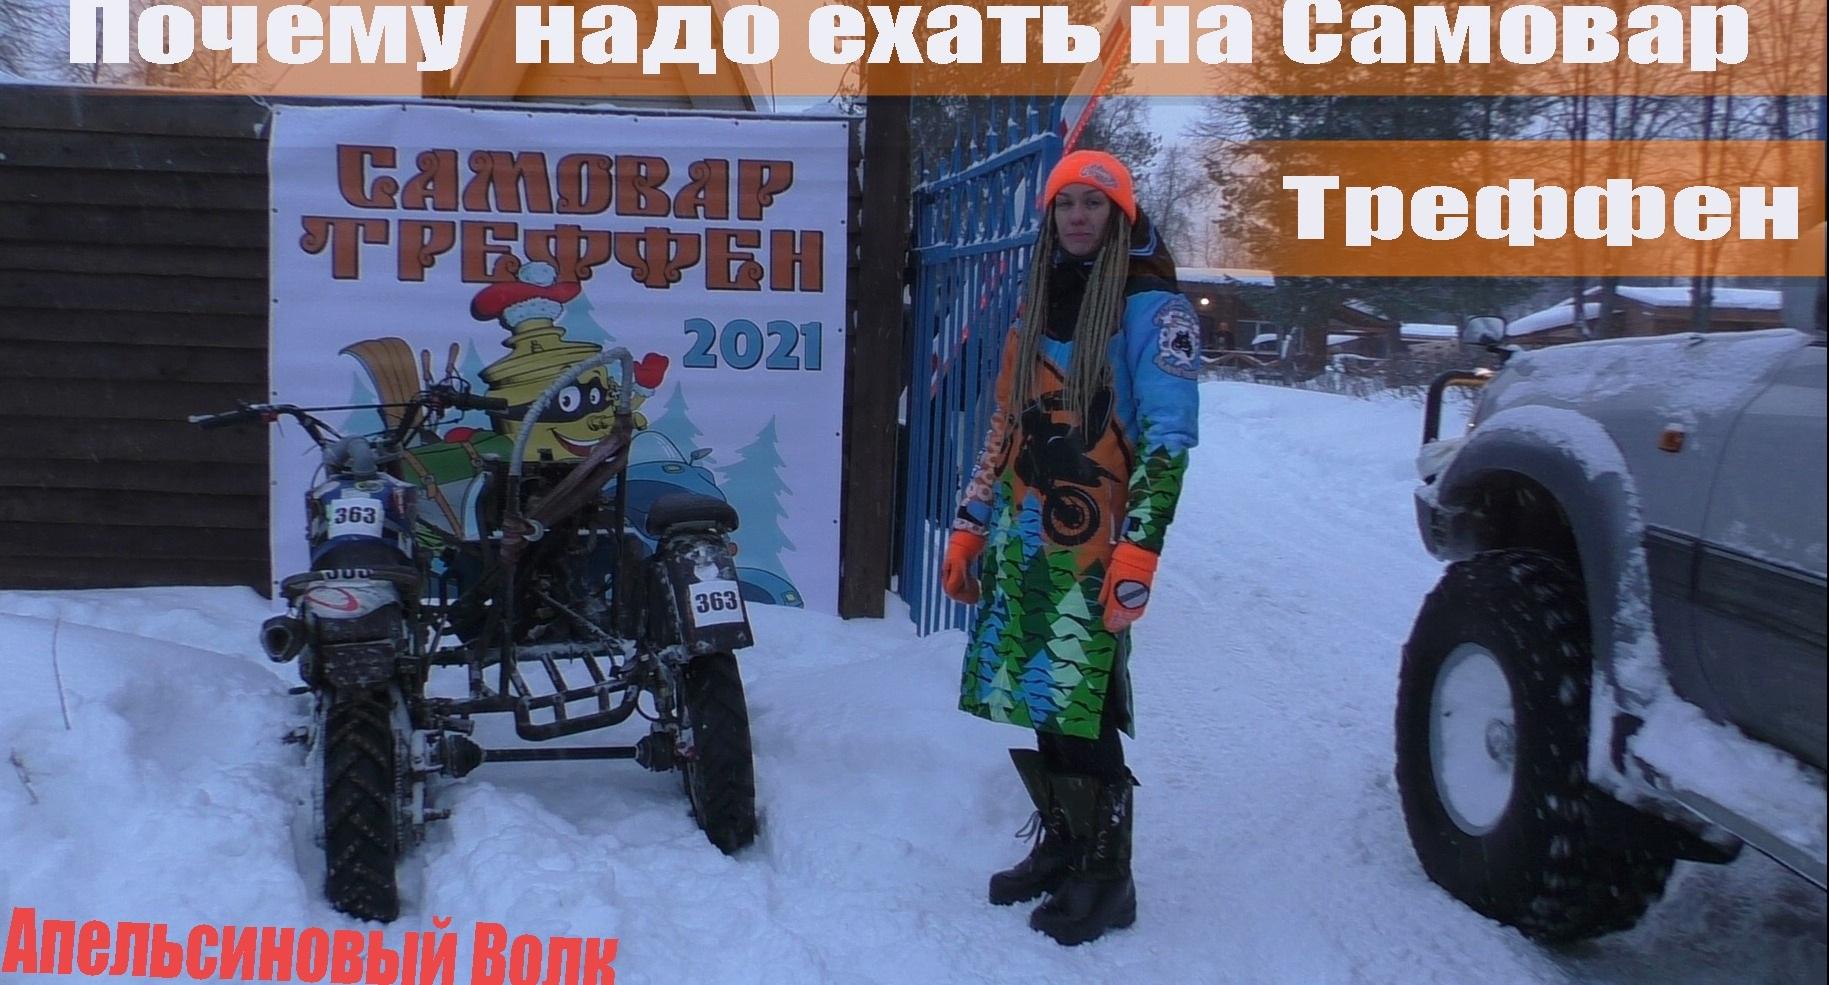 Самовар Треффен 2021 | Зимний мото фест